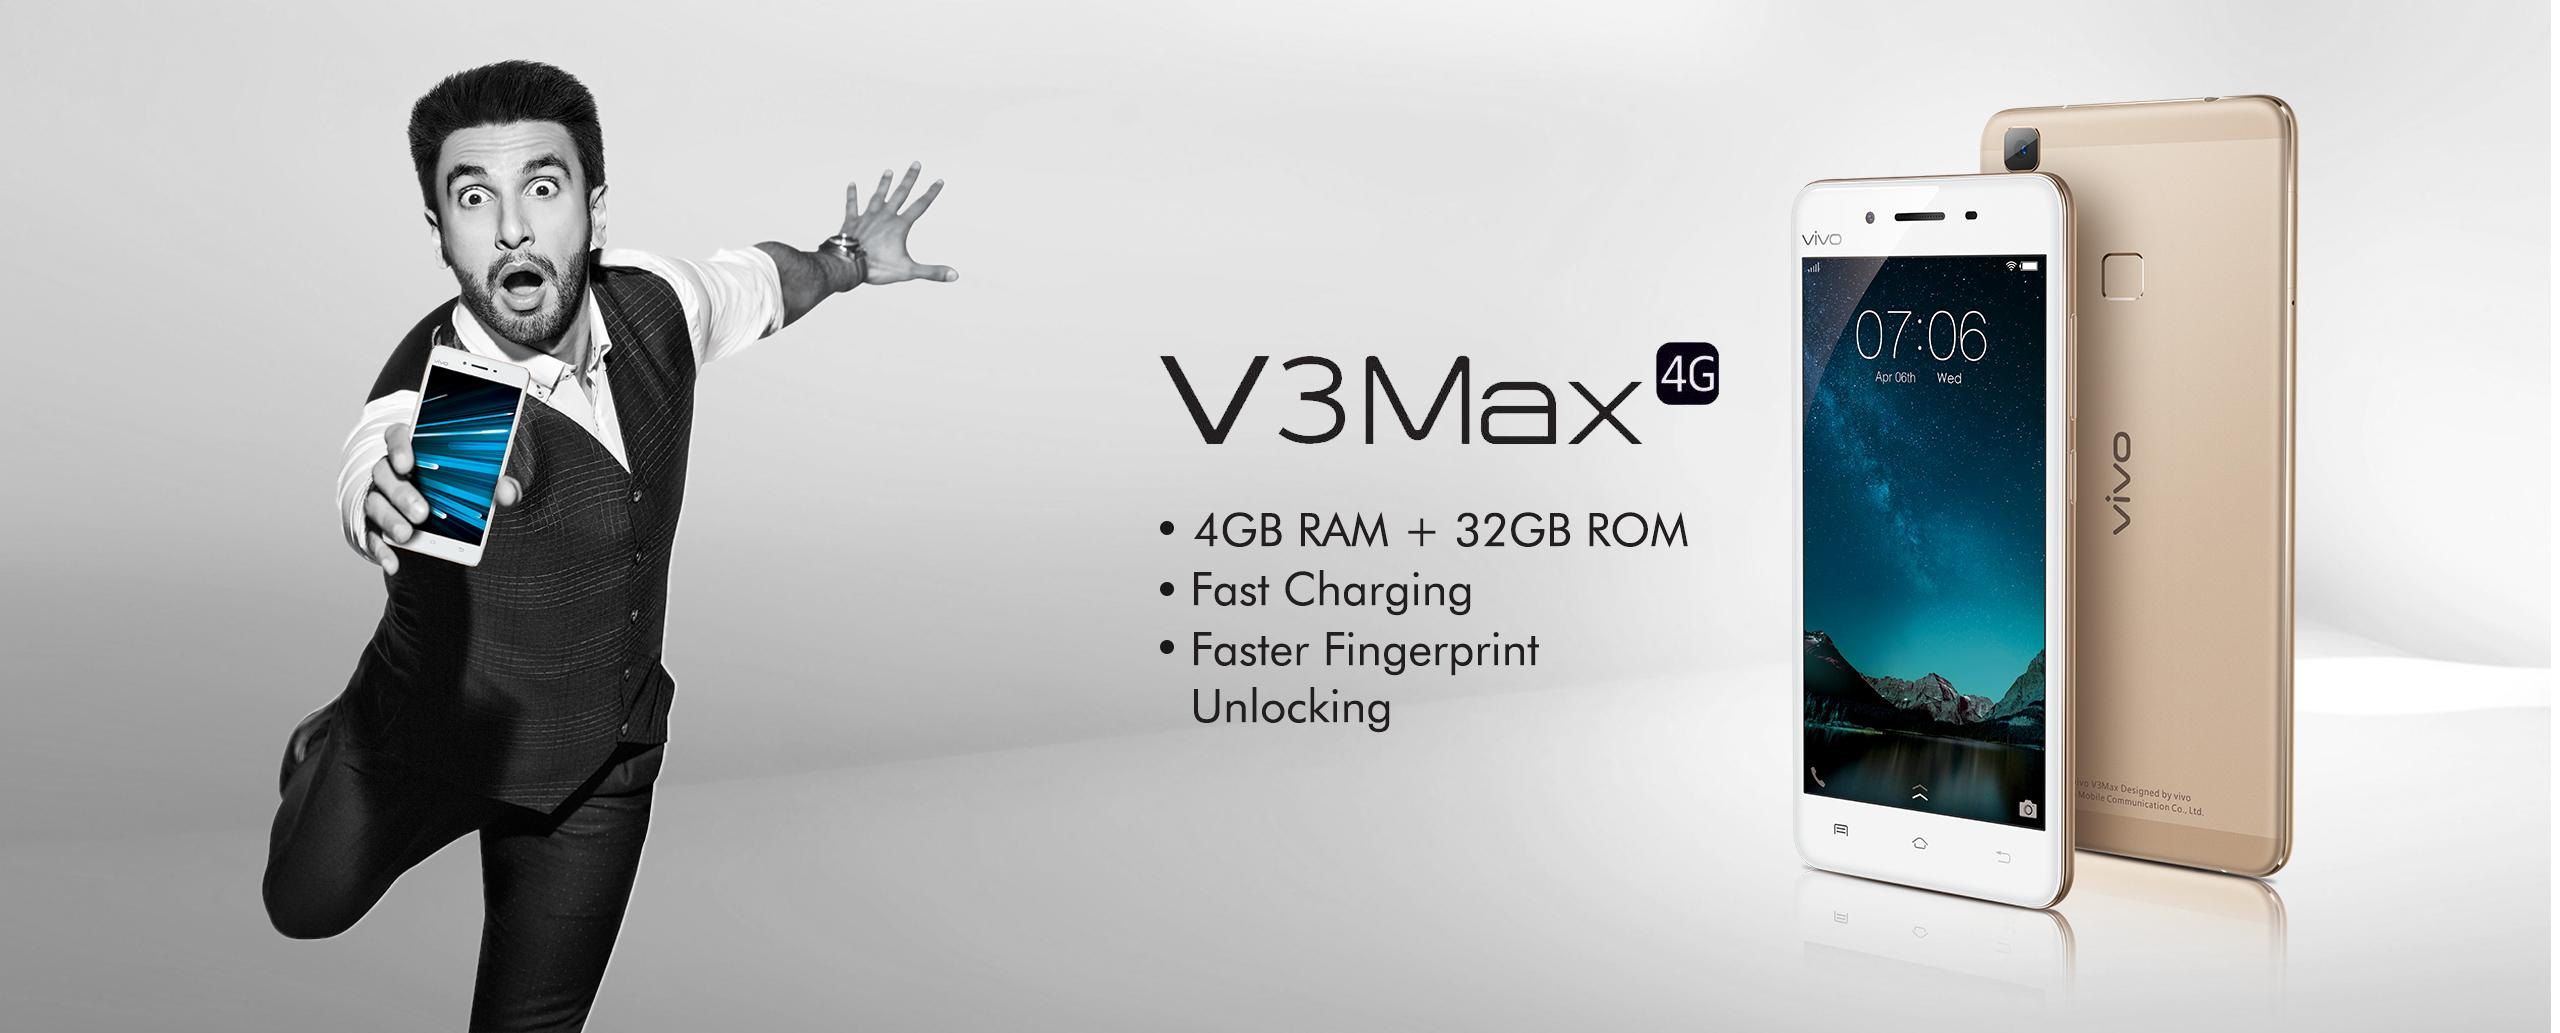 Gizlogic- Vivo V3 Max